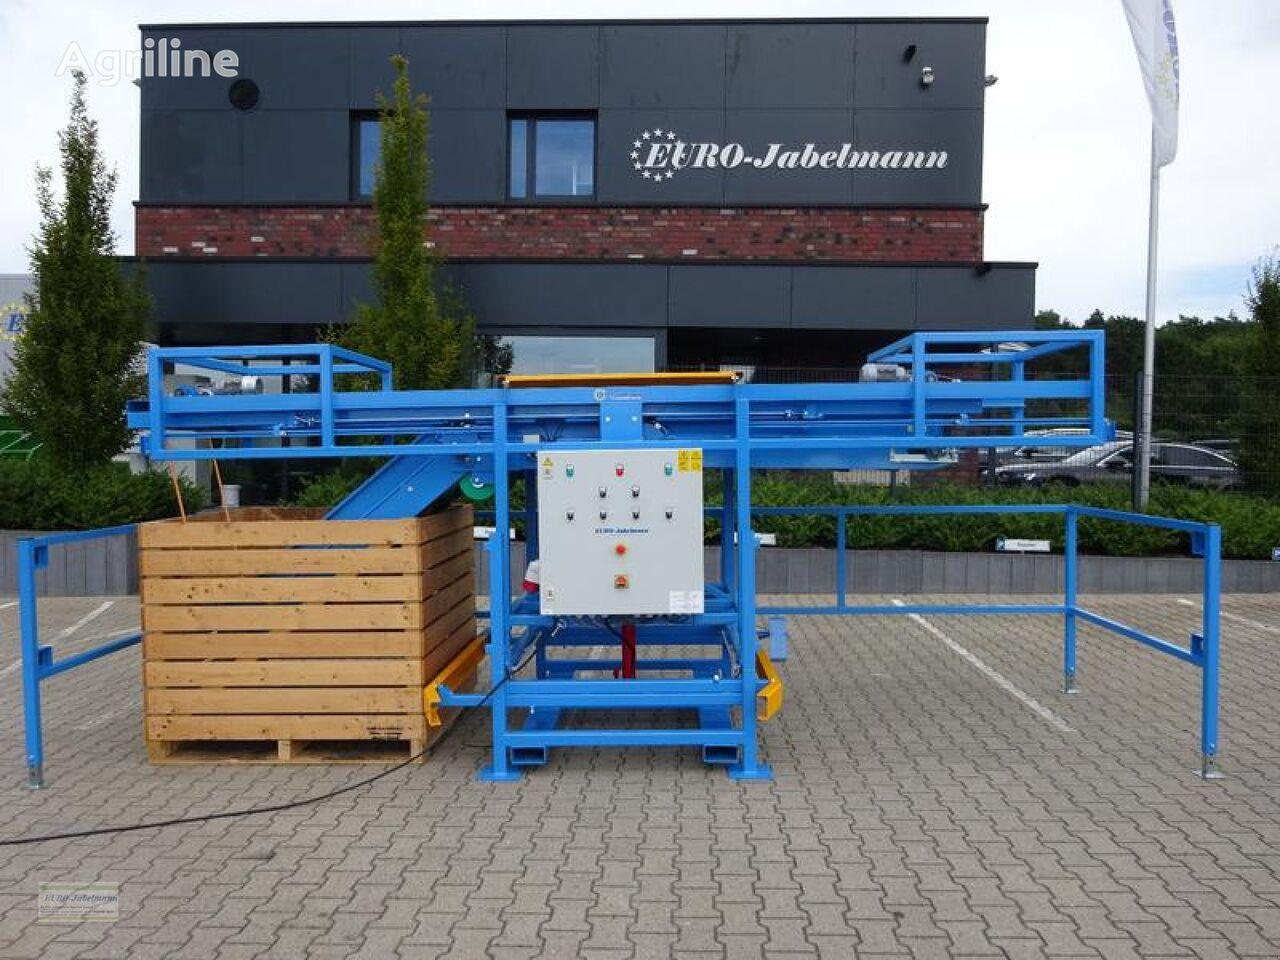 EURO-Jabelmann gebr. Kistenfüllgerät KFG 400 agricultural conveyor